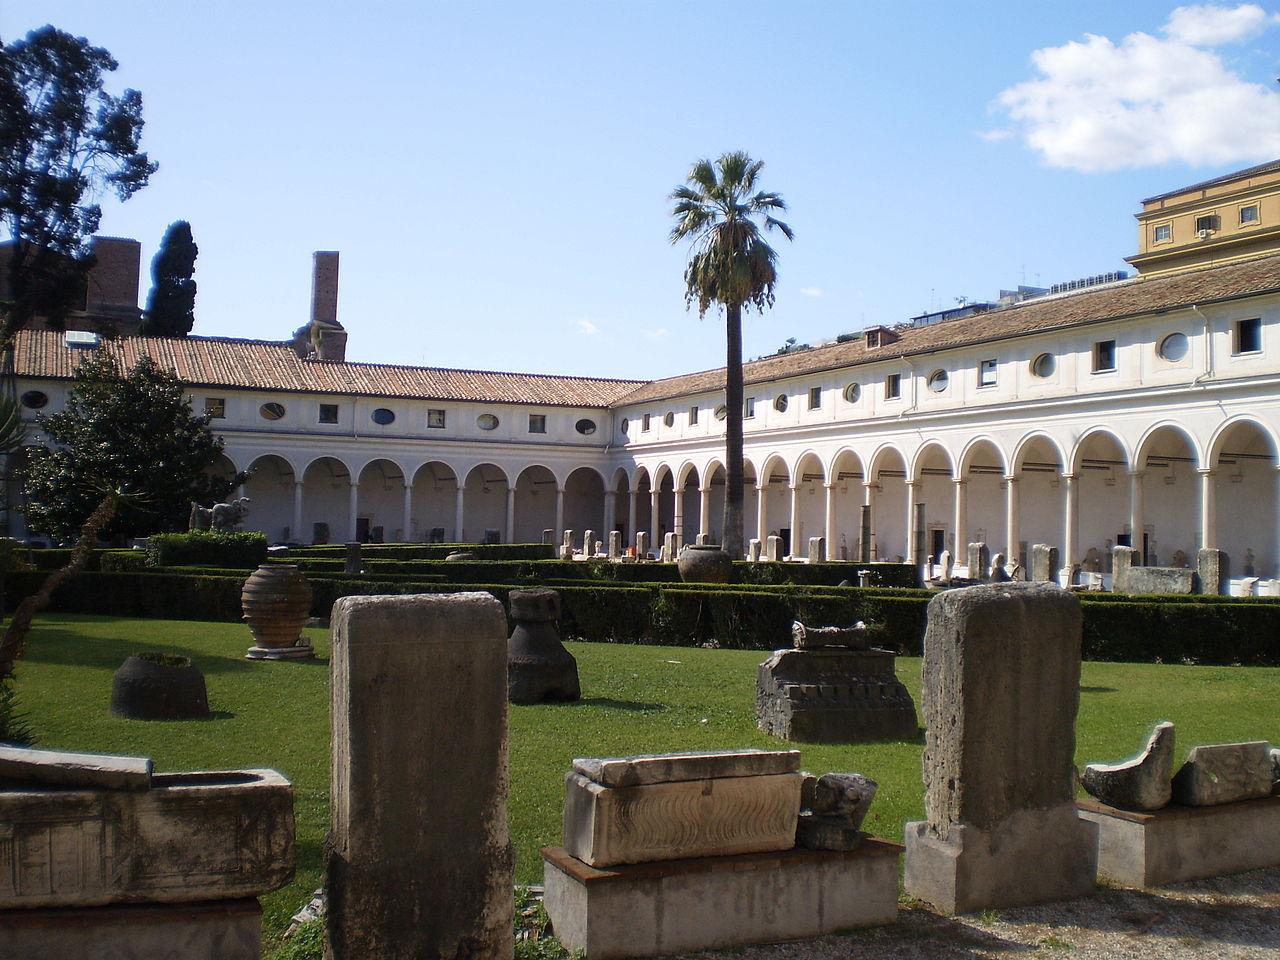 Национальный музей Рима, античные термы Диоклетиана